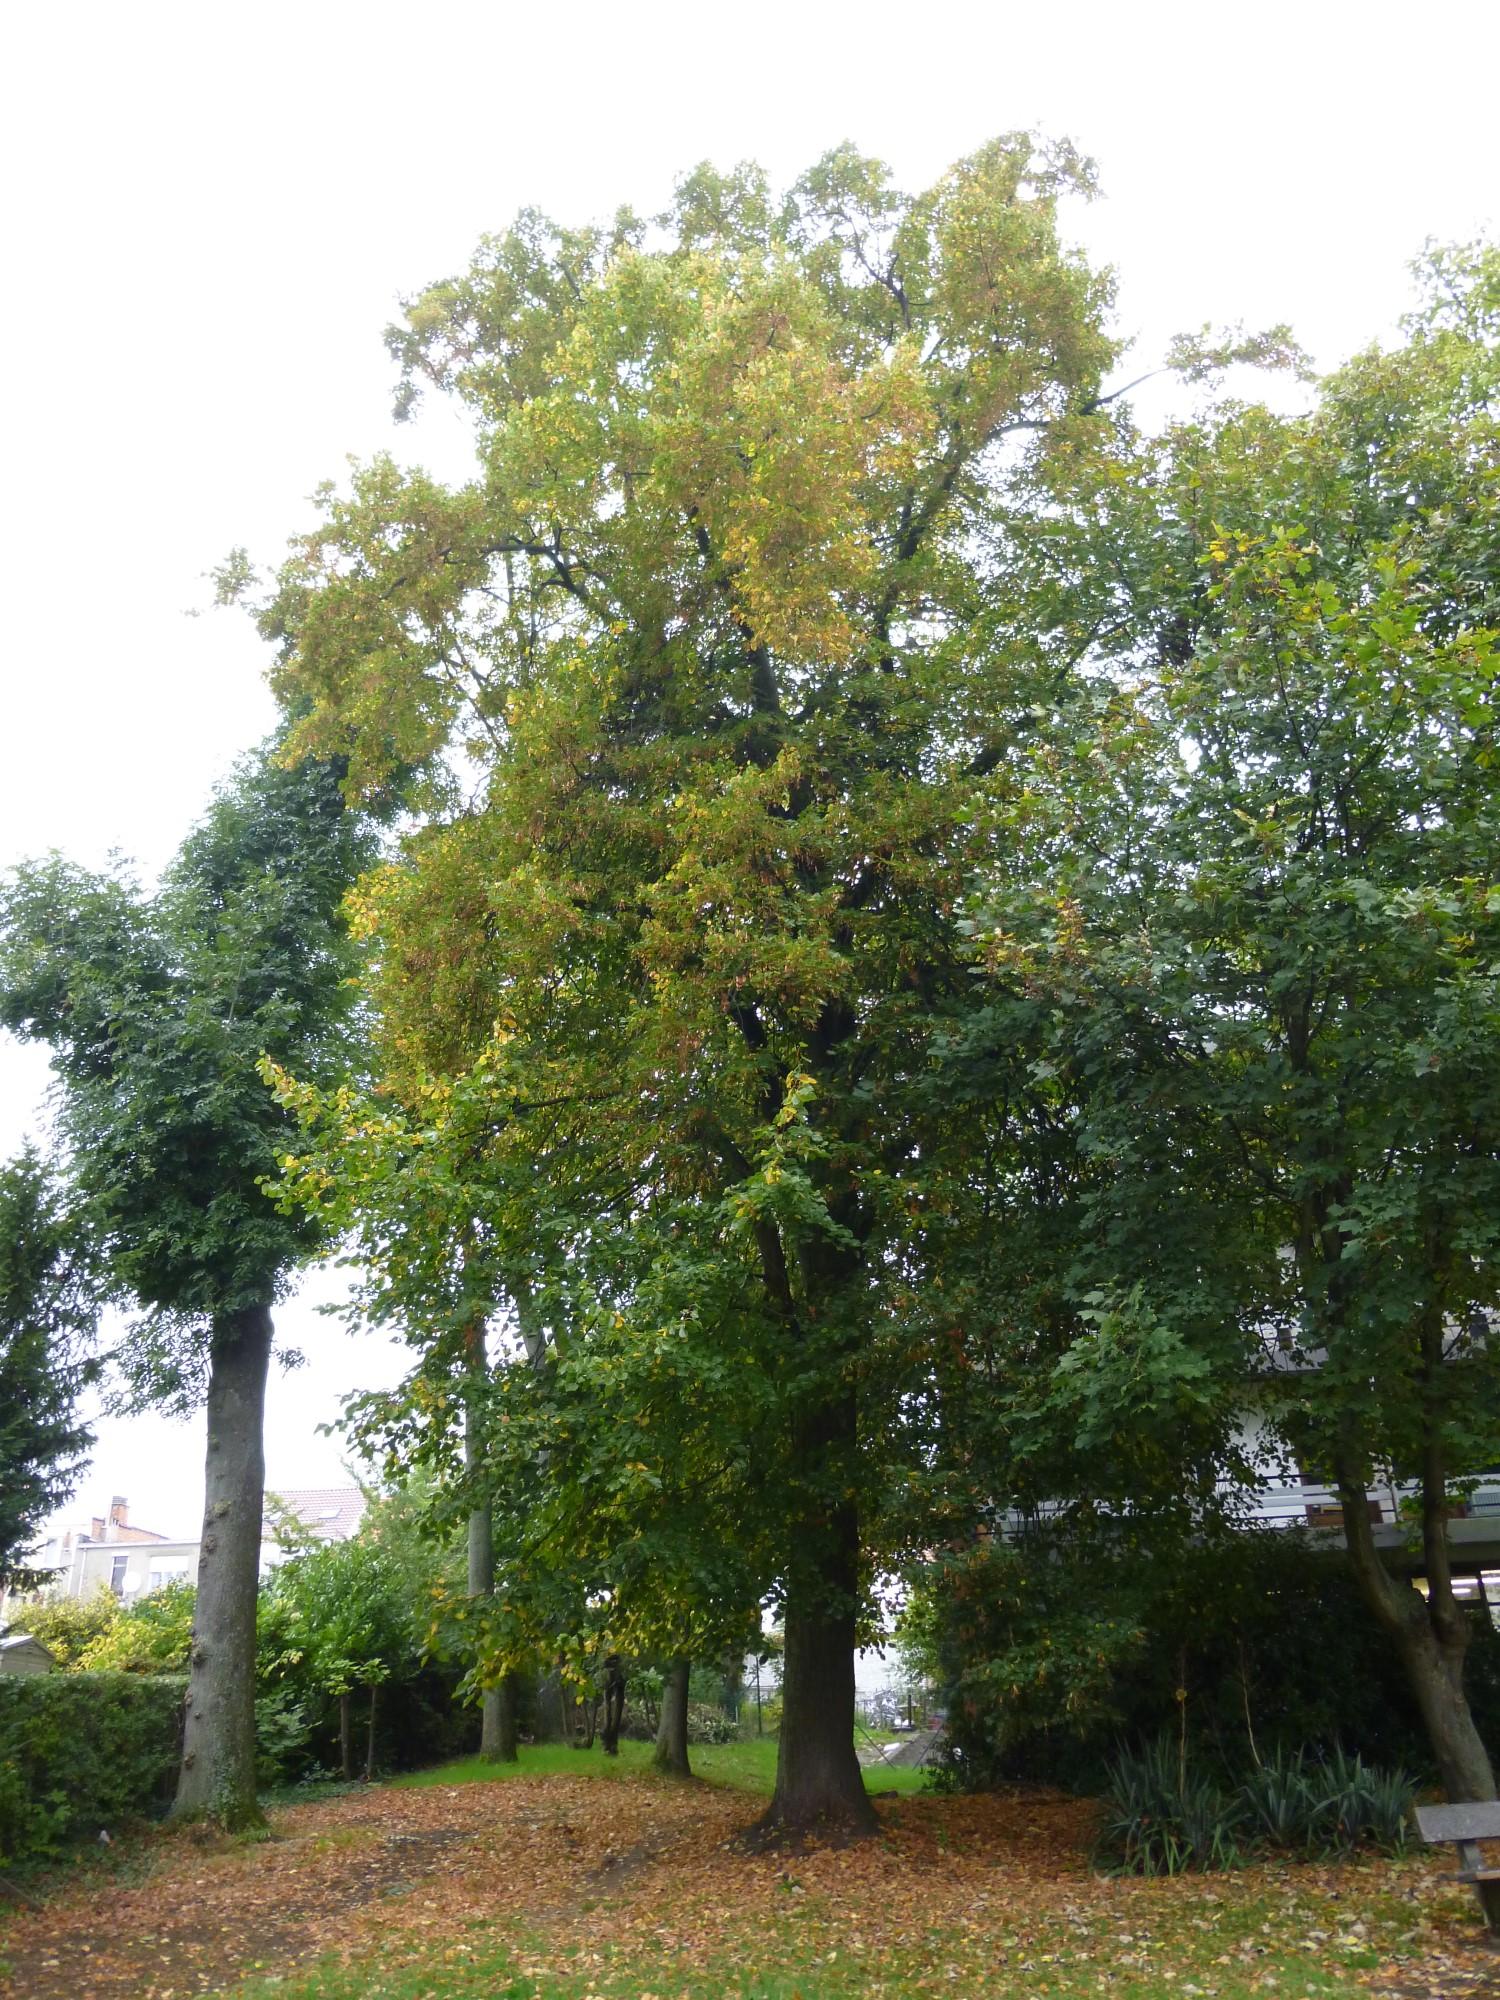 Tilleul du Caucase – Berchem-Sainte-Agathe, Avenue du Roi Albert, 88 –  11 Octobre 2013